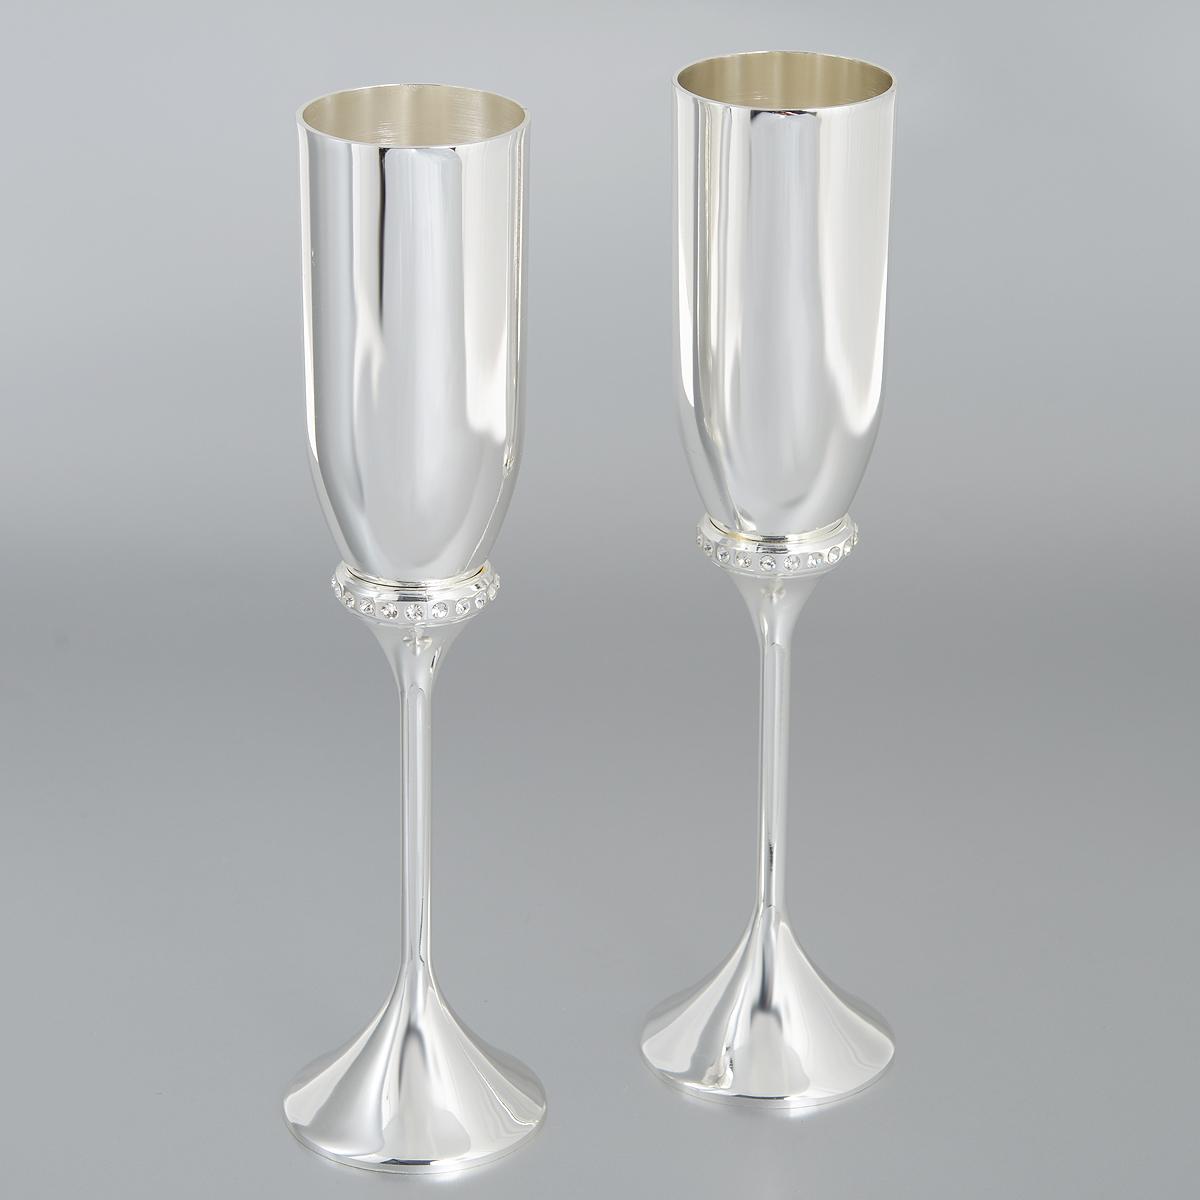 Набор бокалов Marquis, 2 шт. 7063-MR7063-MRНабор Marquis состоит из двух бокалов на высоких ножках с зеркальной полировкой. Бокалы выполнены из стали с серебряно-никелевым покрытием и украшены белыми стразами. Бокалы идеально подойдут для шампанского. Набор станет прекрасным дополнением романтического вечера. Изысканные изделия необычного оформления понравятся и ценителям классики, и тем, кто предпочитает утонченность и изысканность.